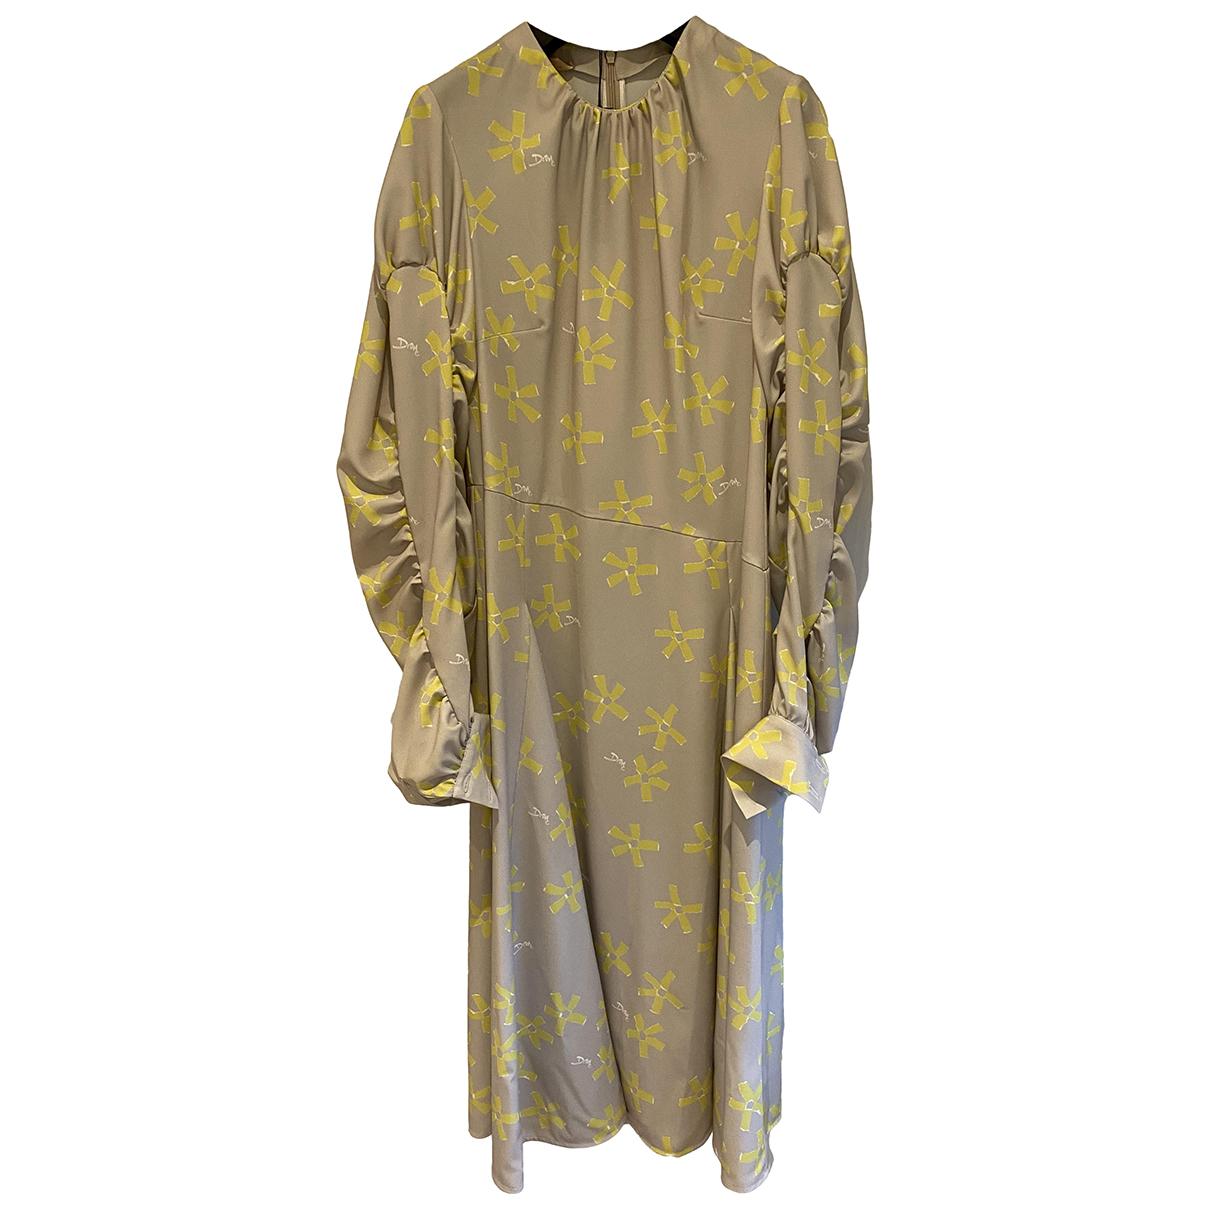 Drome \N Kleid in  Gelb Polyester